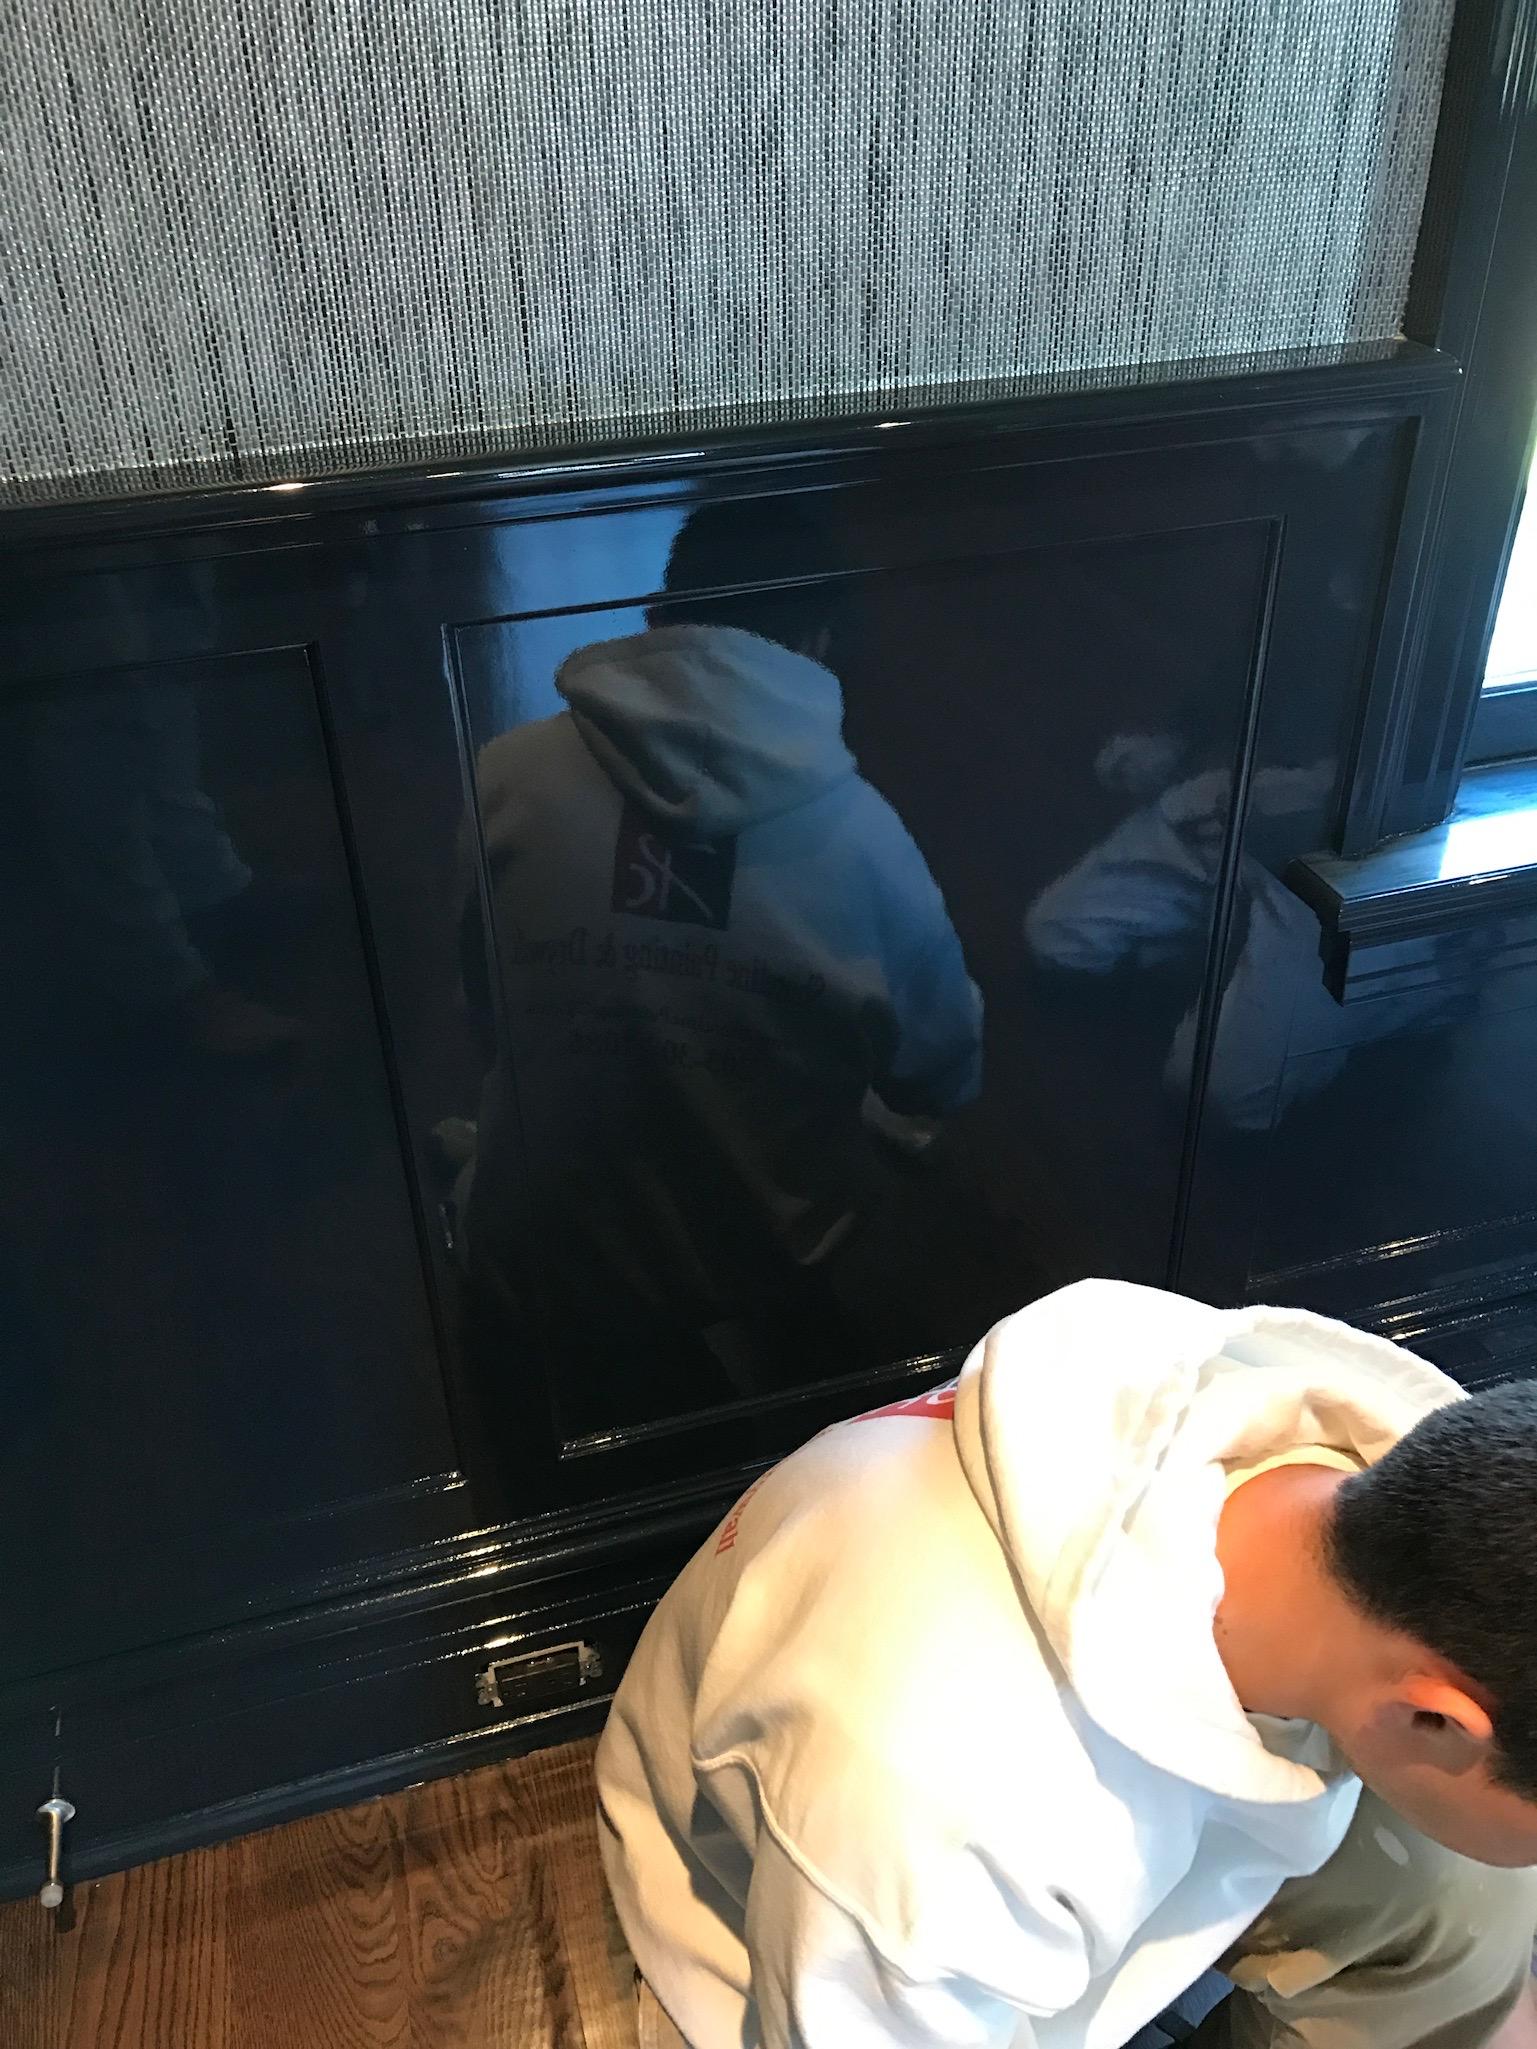 High Gloss Paneling